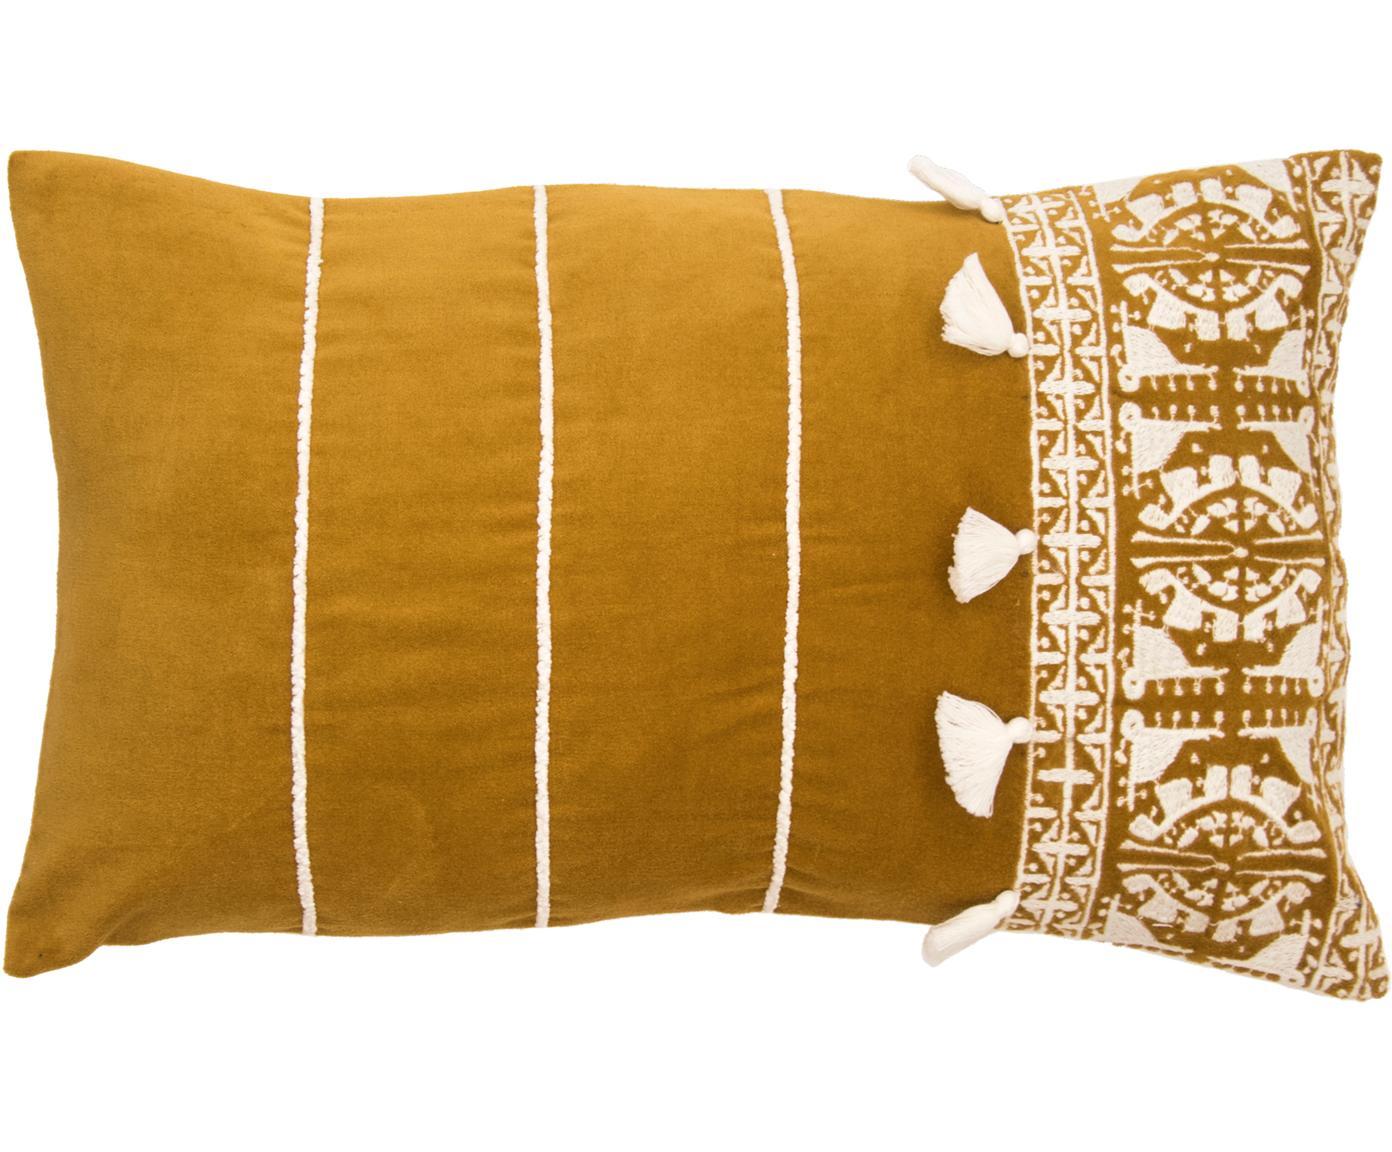 Haftowana poszewka na poduszkę z chwostami Neo Berbère, 50% bawełna, 50% poliester, Żółty, biały, S 30 x D 50 cm